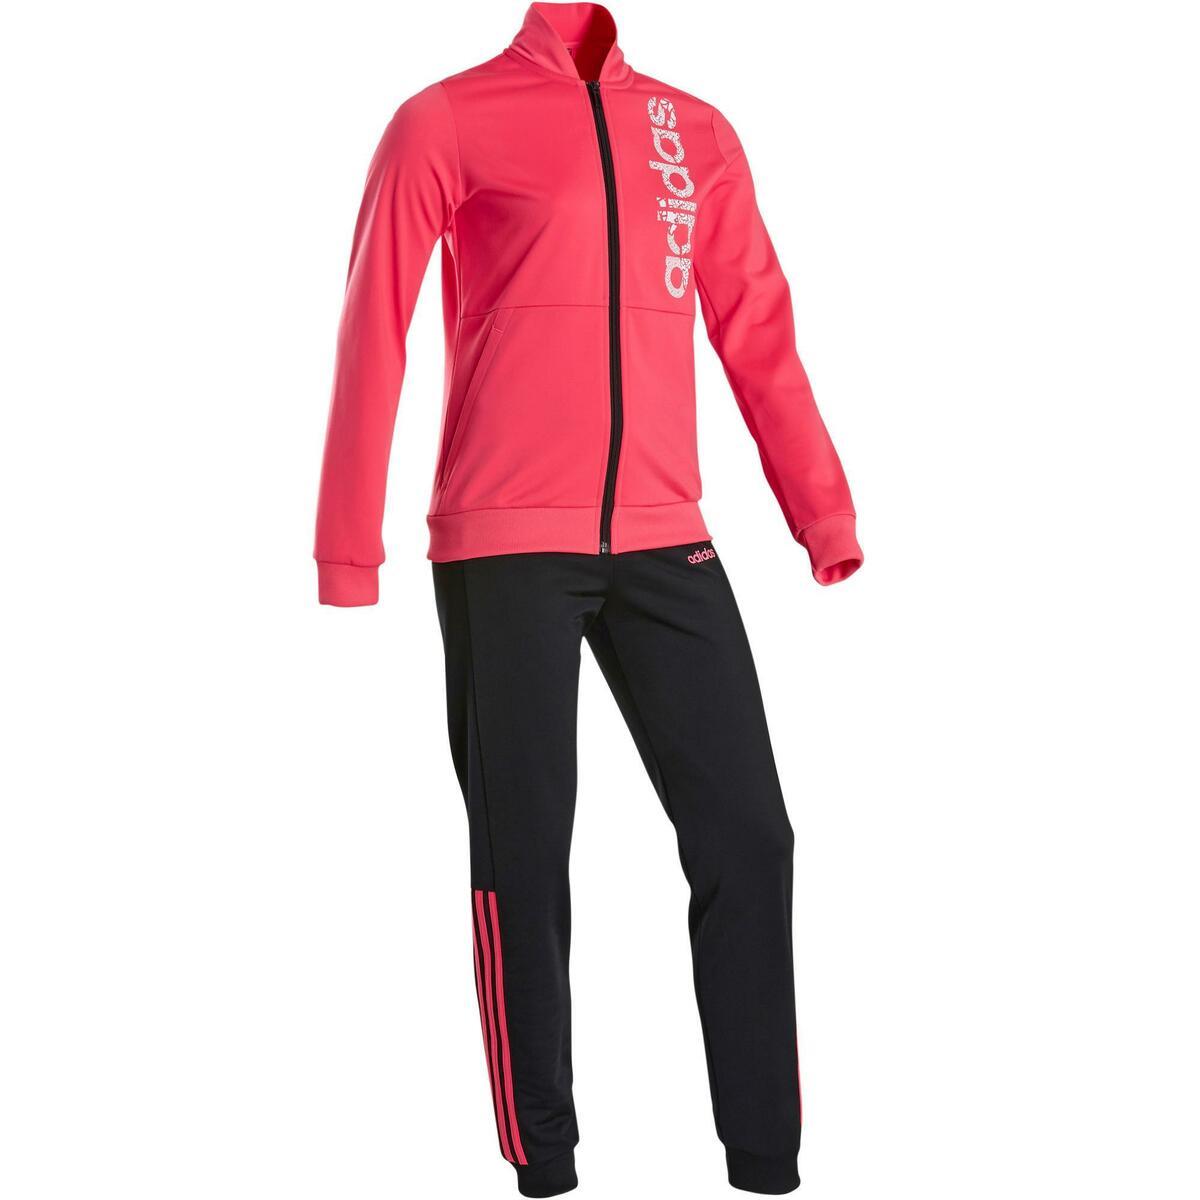 Bild 1 von Trainingsanzug Logo auf der Brust Kinder rosa